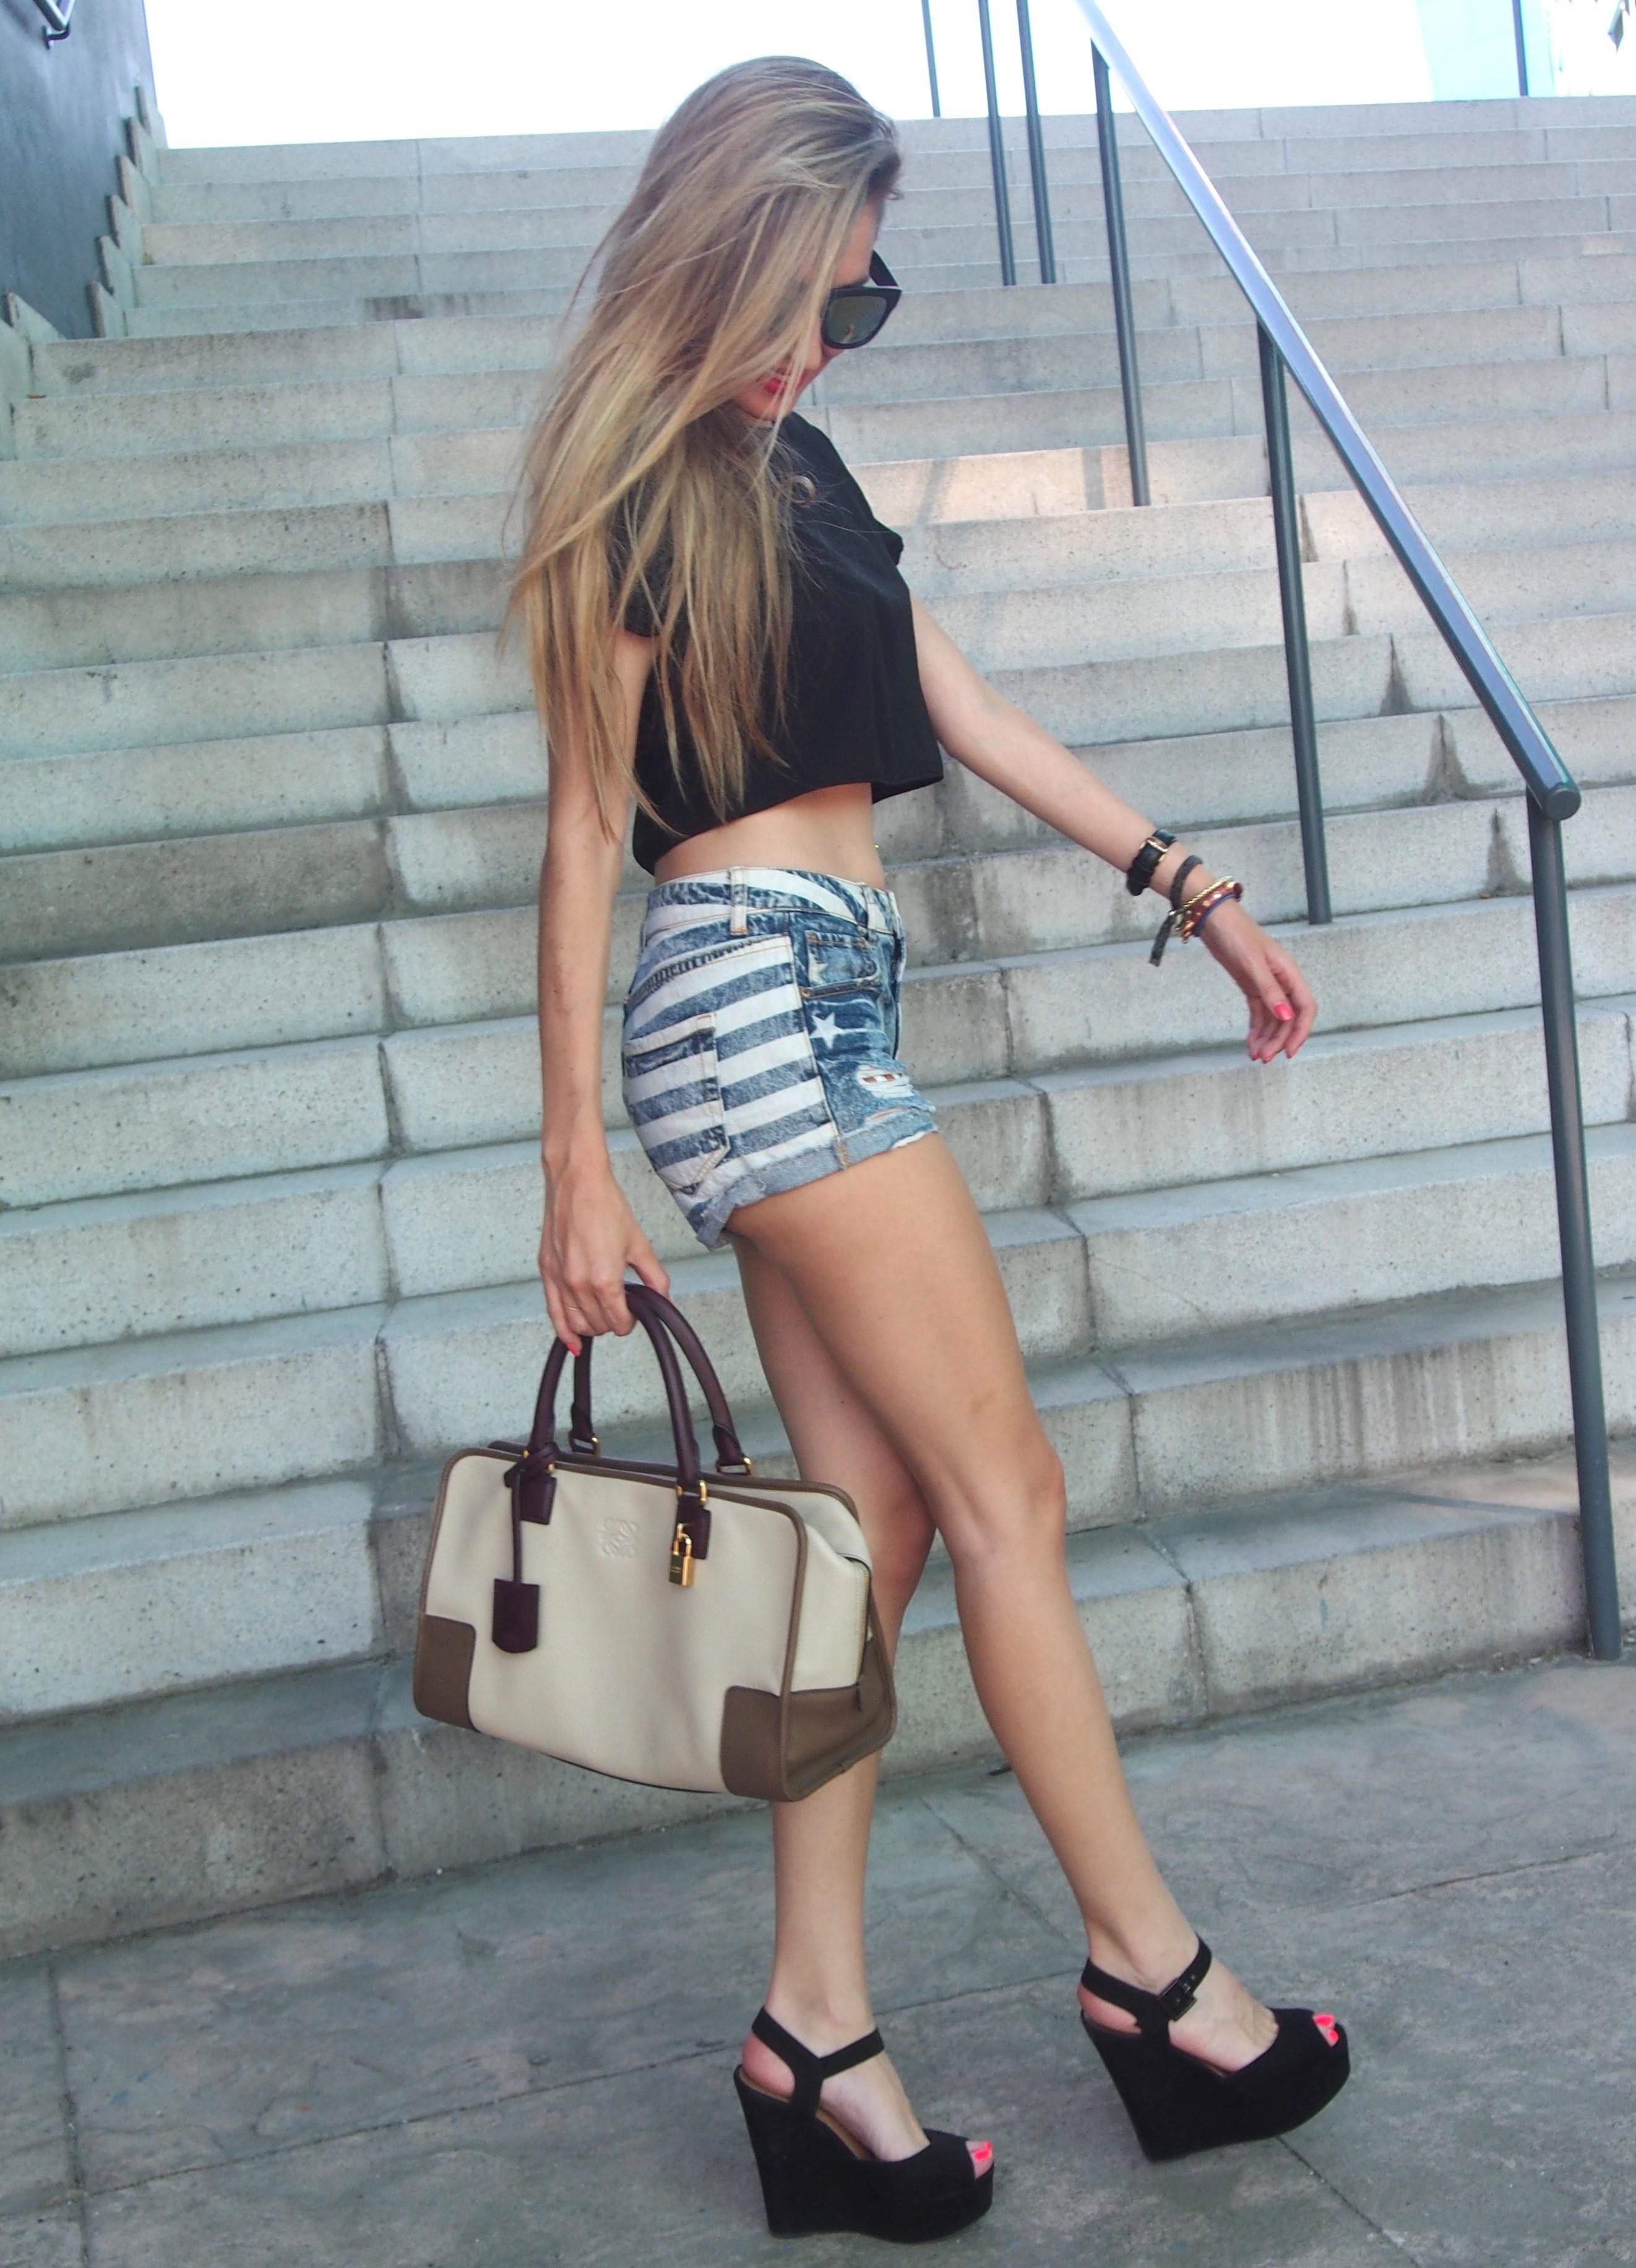 Shorts_Cropped_Top_Platforms_Mirror_Sunnies_Amazona_Bag_Loewe